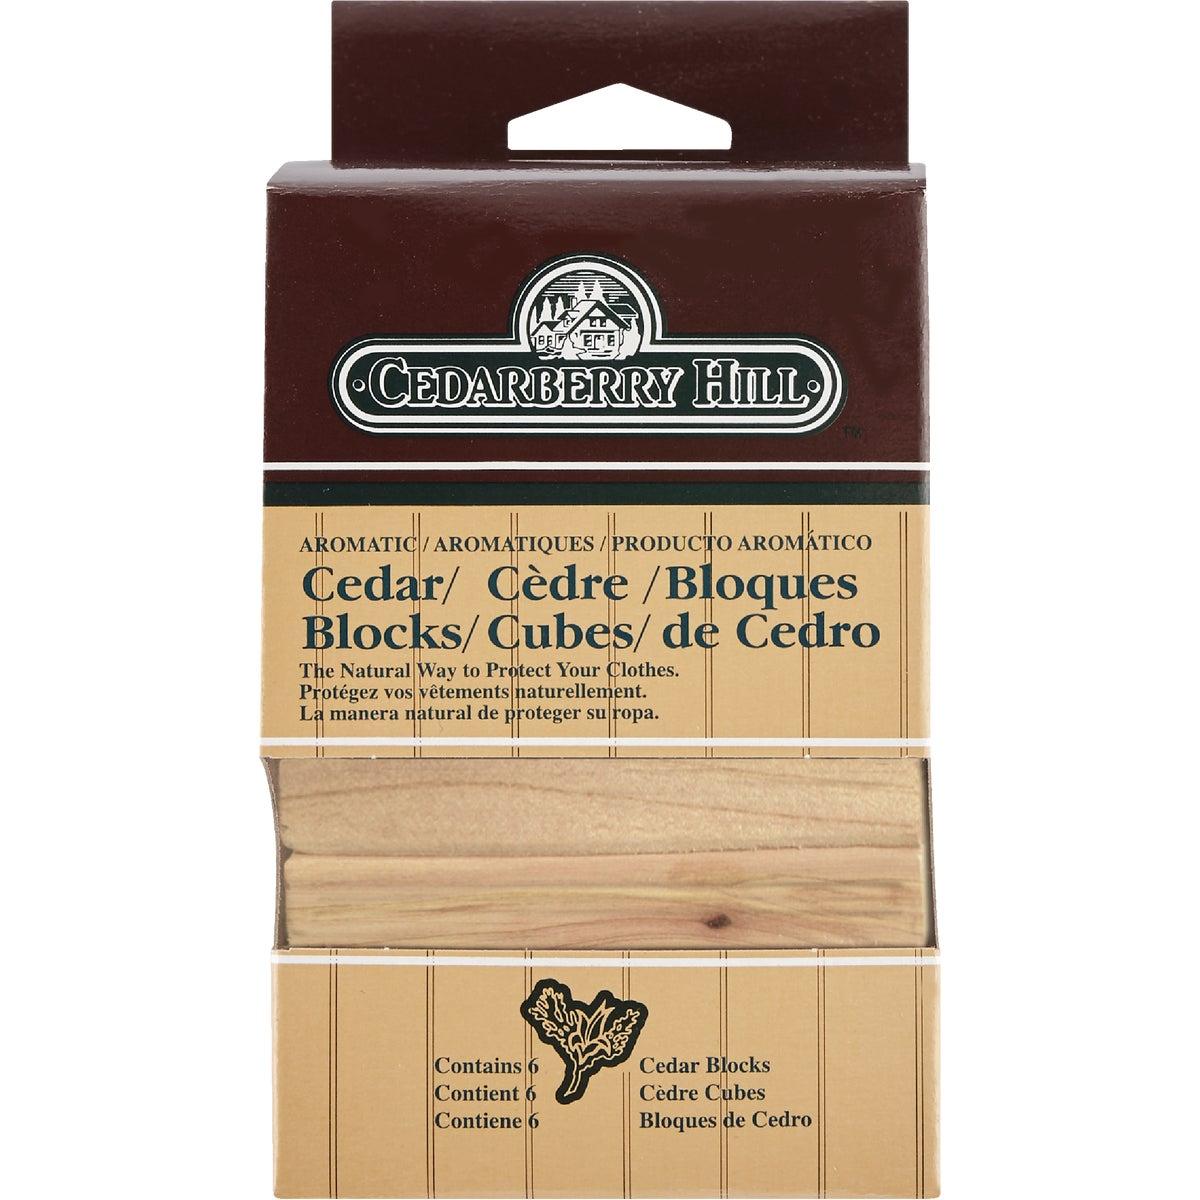 Cedarberry Hill Aromatic Cedar 3 In. W. x 2.125 In. H. x .69 In. D. Cedar Blocks (6-Pack)